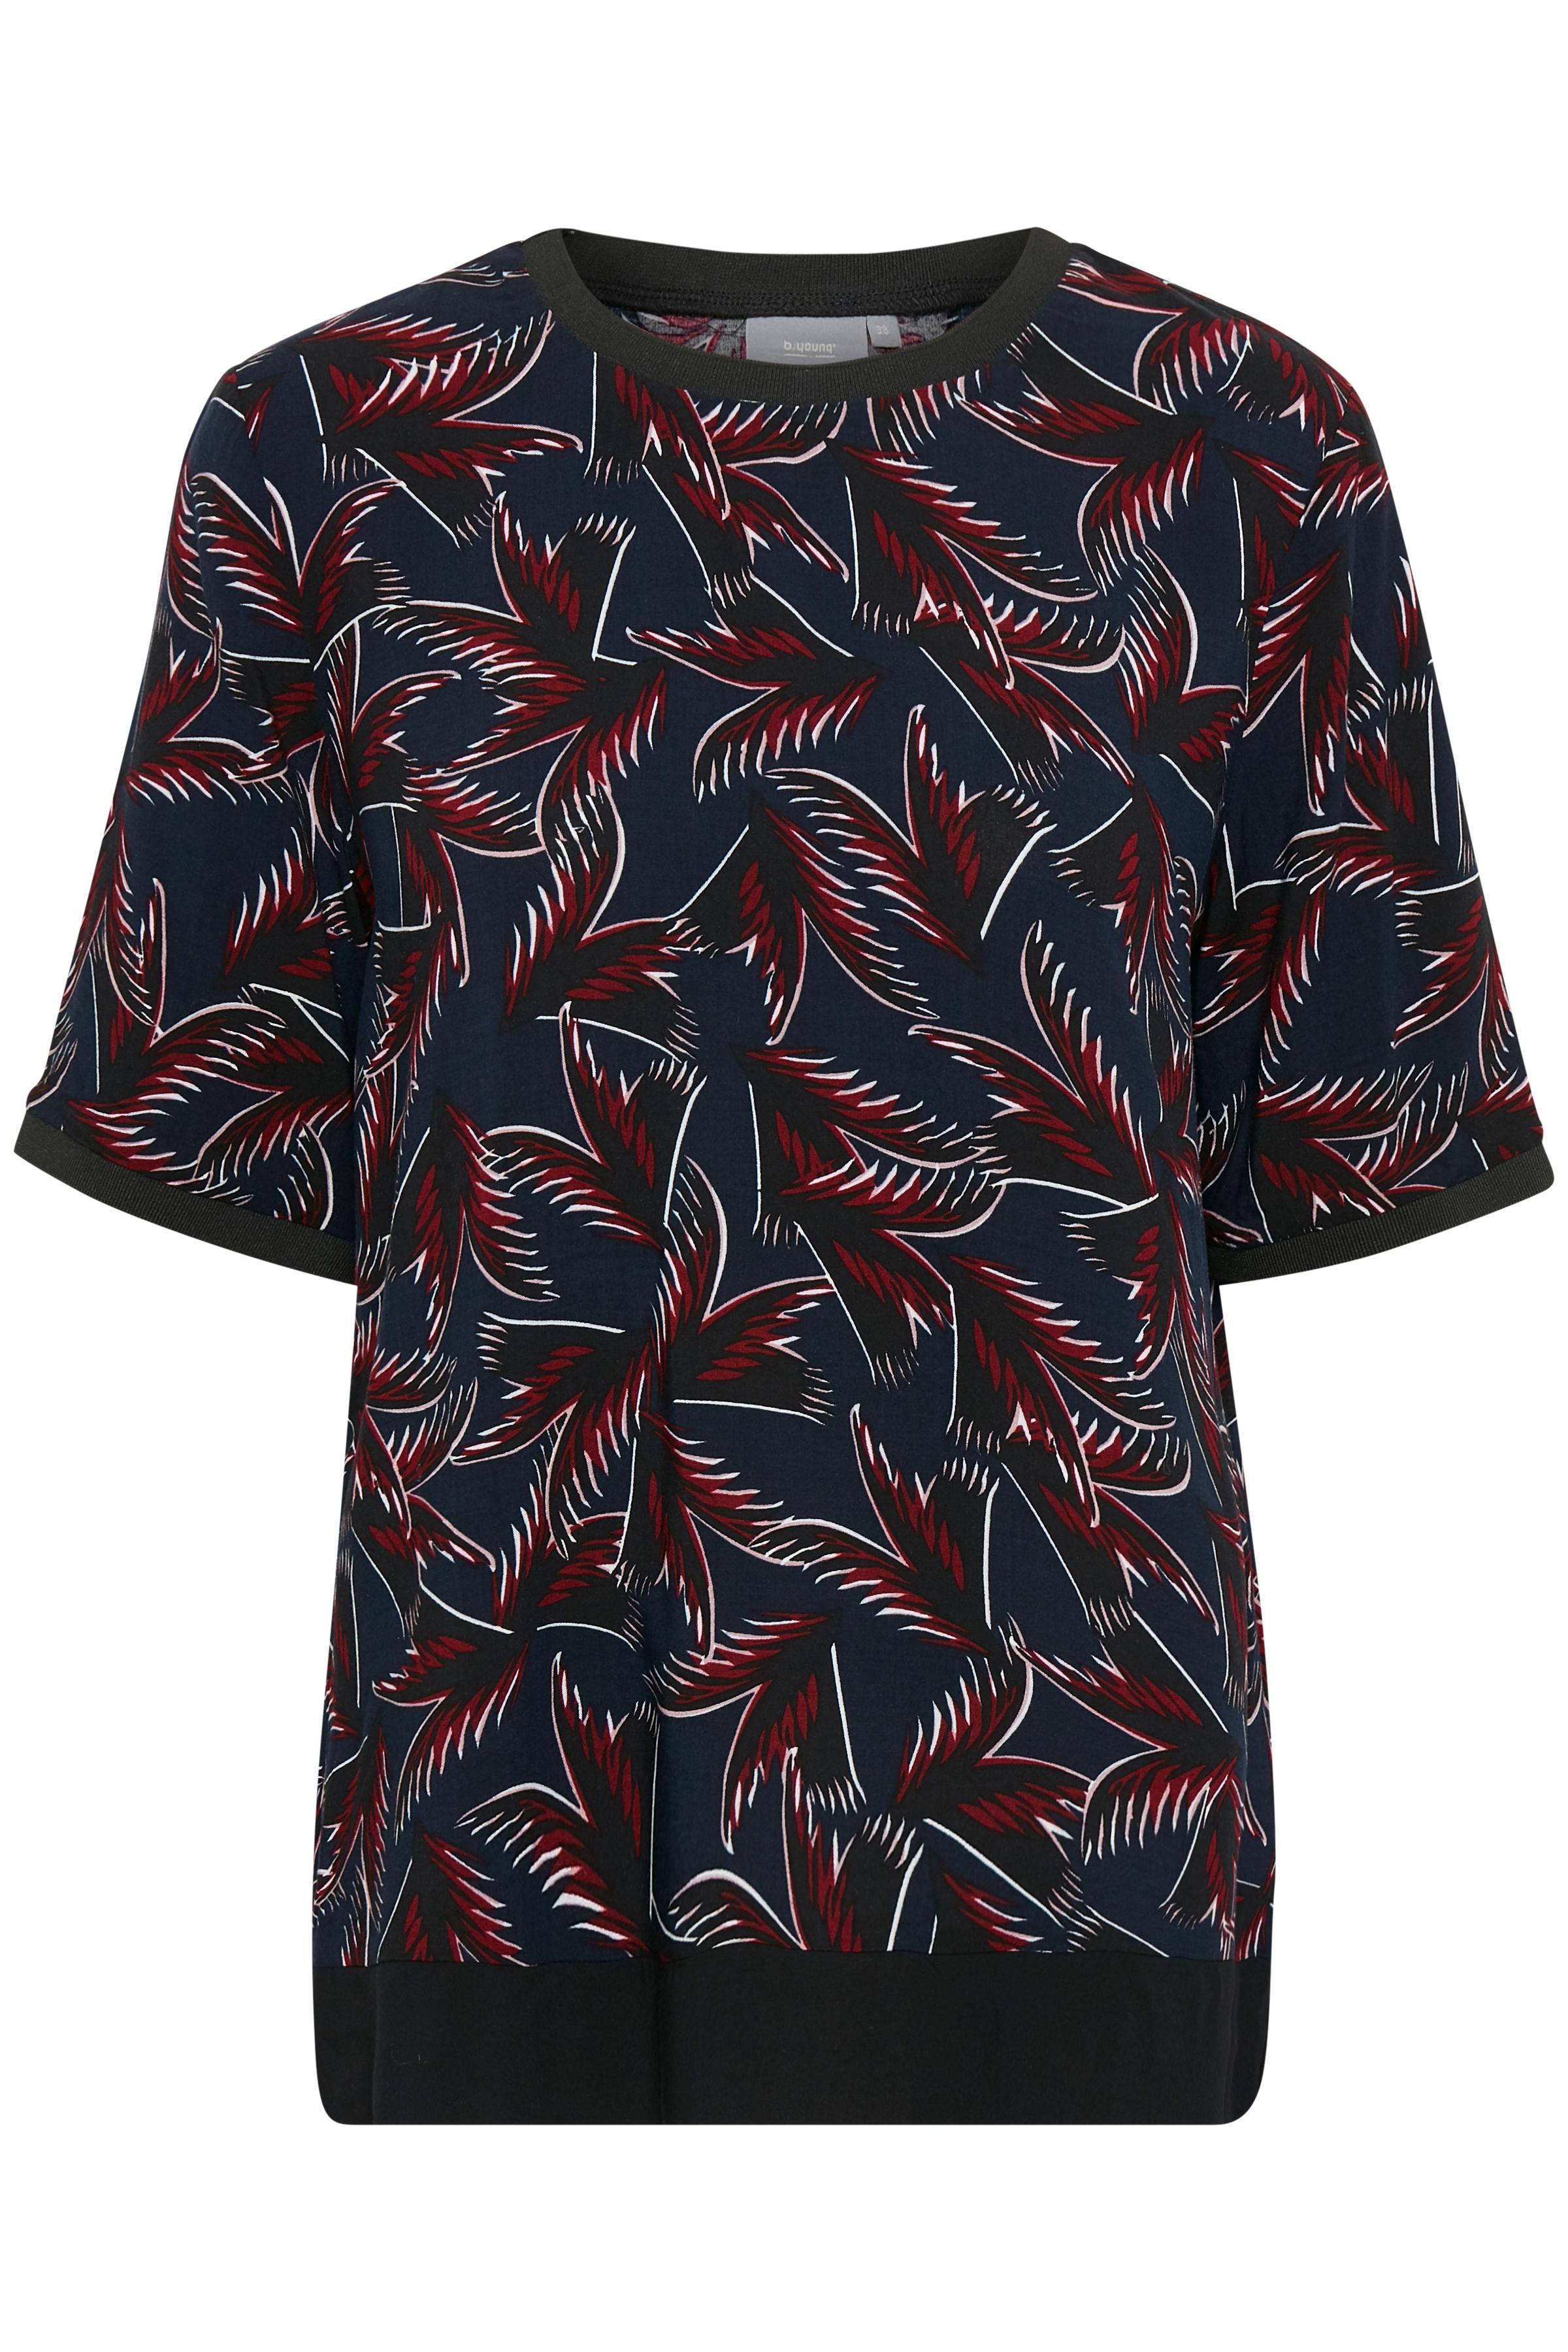 Marineblå/bordeaux Kortærmet bluse fra b.young – Køb Marineblå/bordeaux Kortærmet bluse fra str. 34-46 her